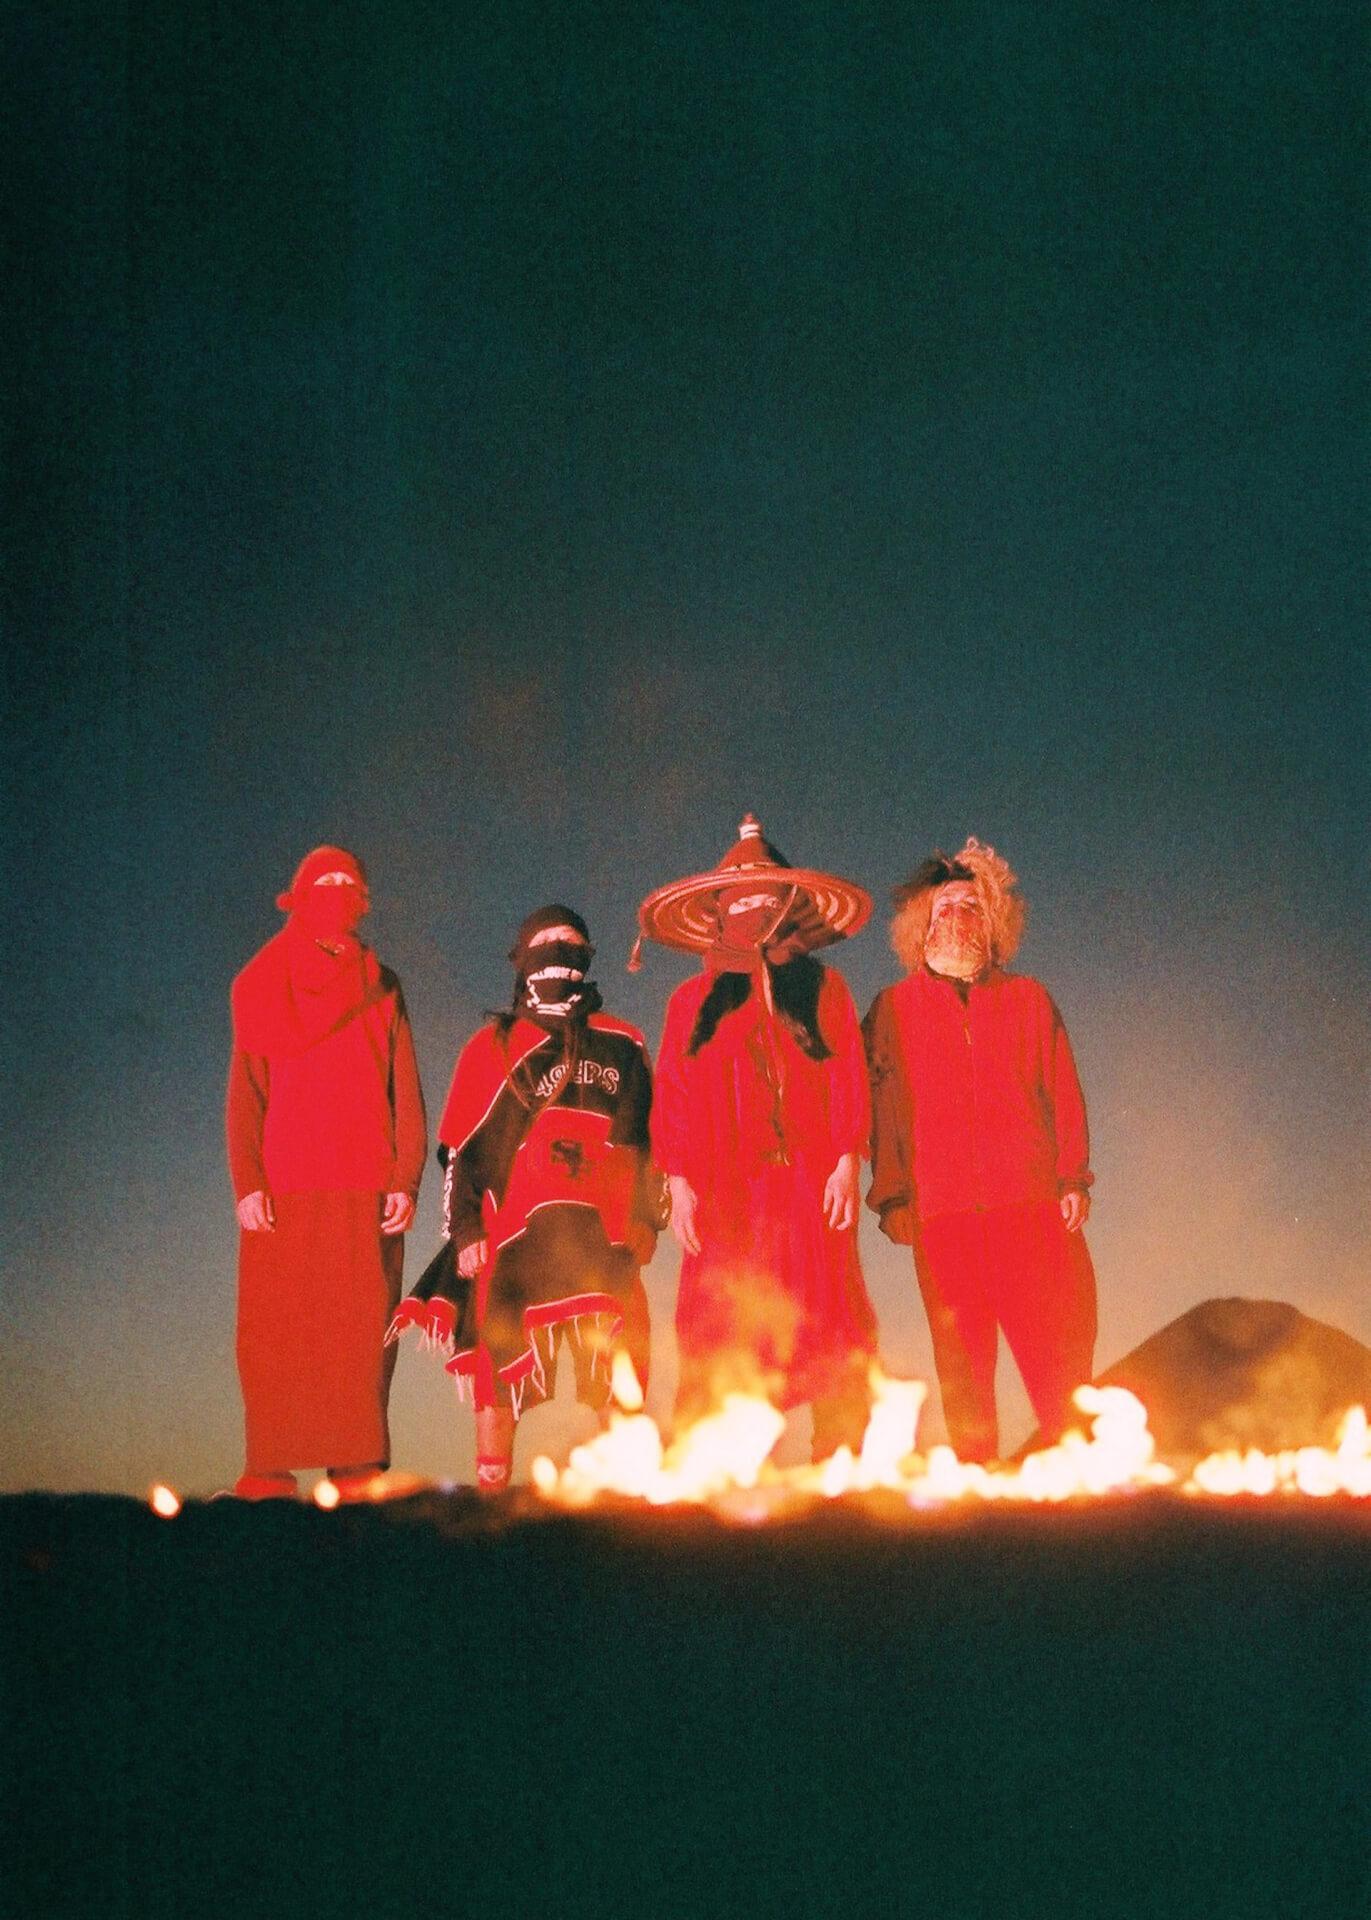 今年の年末もキープ・オン・フジロック!大晦日にオールナイトイベント開催でPUNPEE、cero、GEZAN、折坂悠太、THE ALEXXらが登場 music201120_keeponfujirock_5